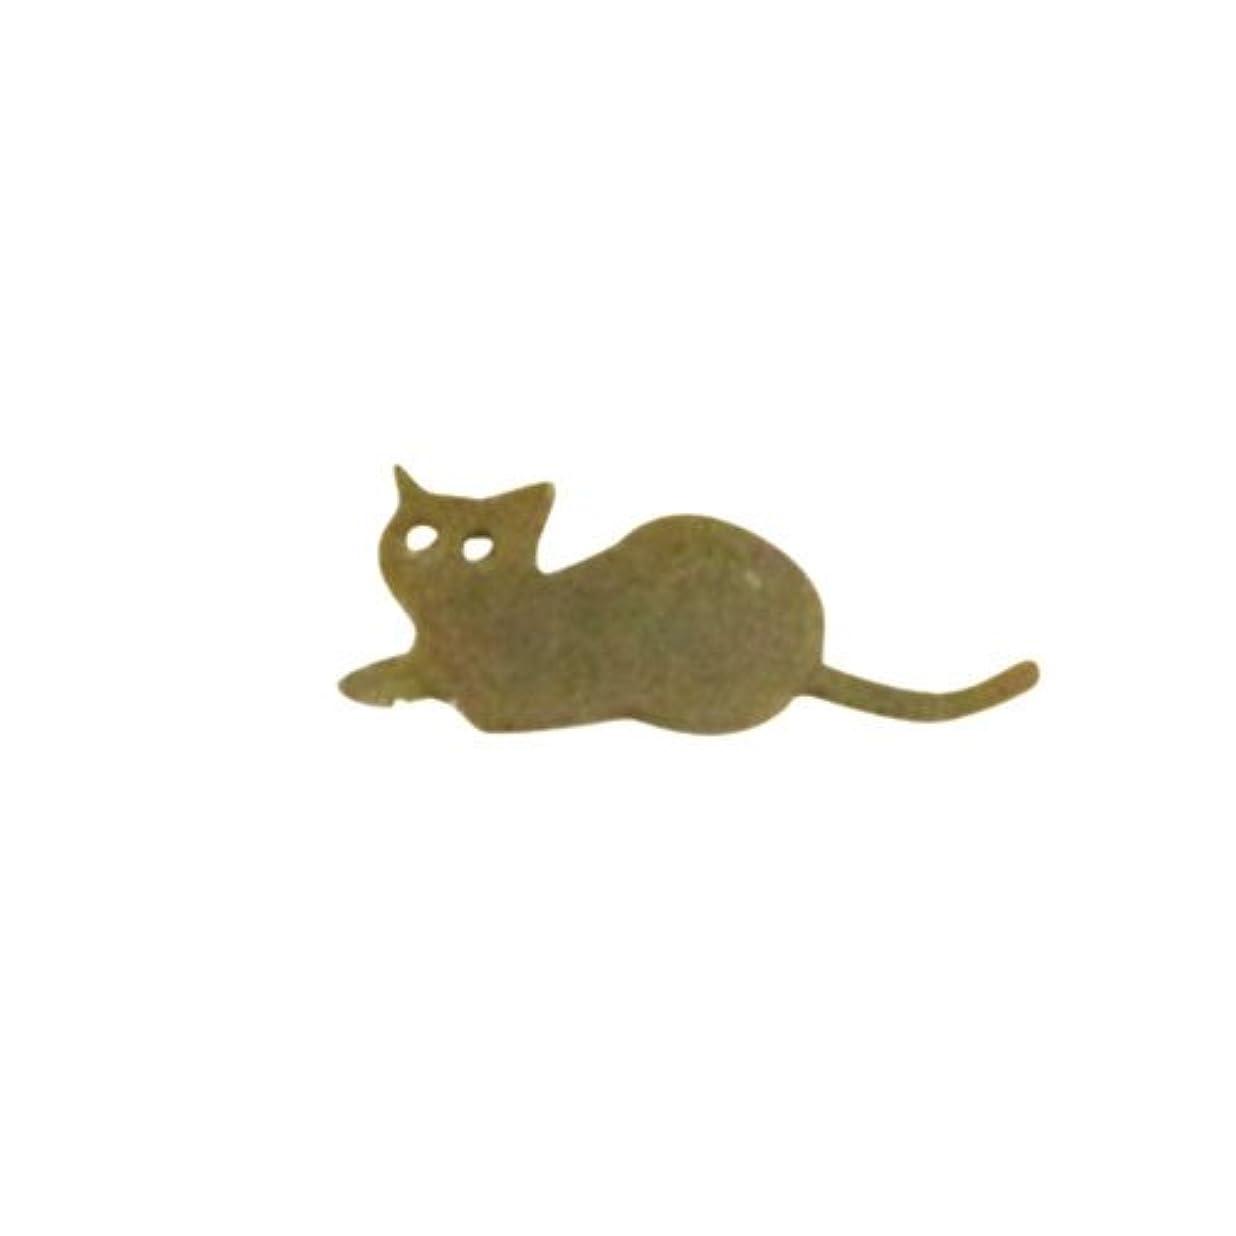 取り除く統合するスペクトラムリトルプリティー ネイルアートパーツ 猫5 ゴールド 10個